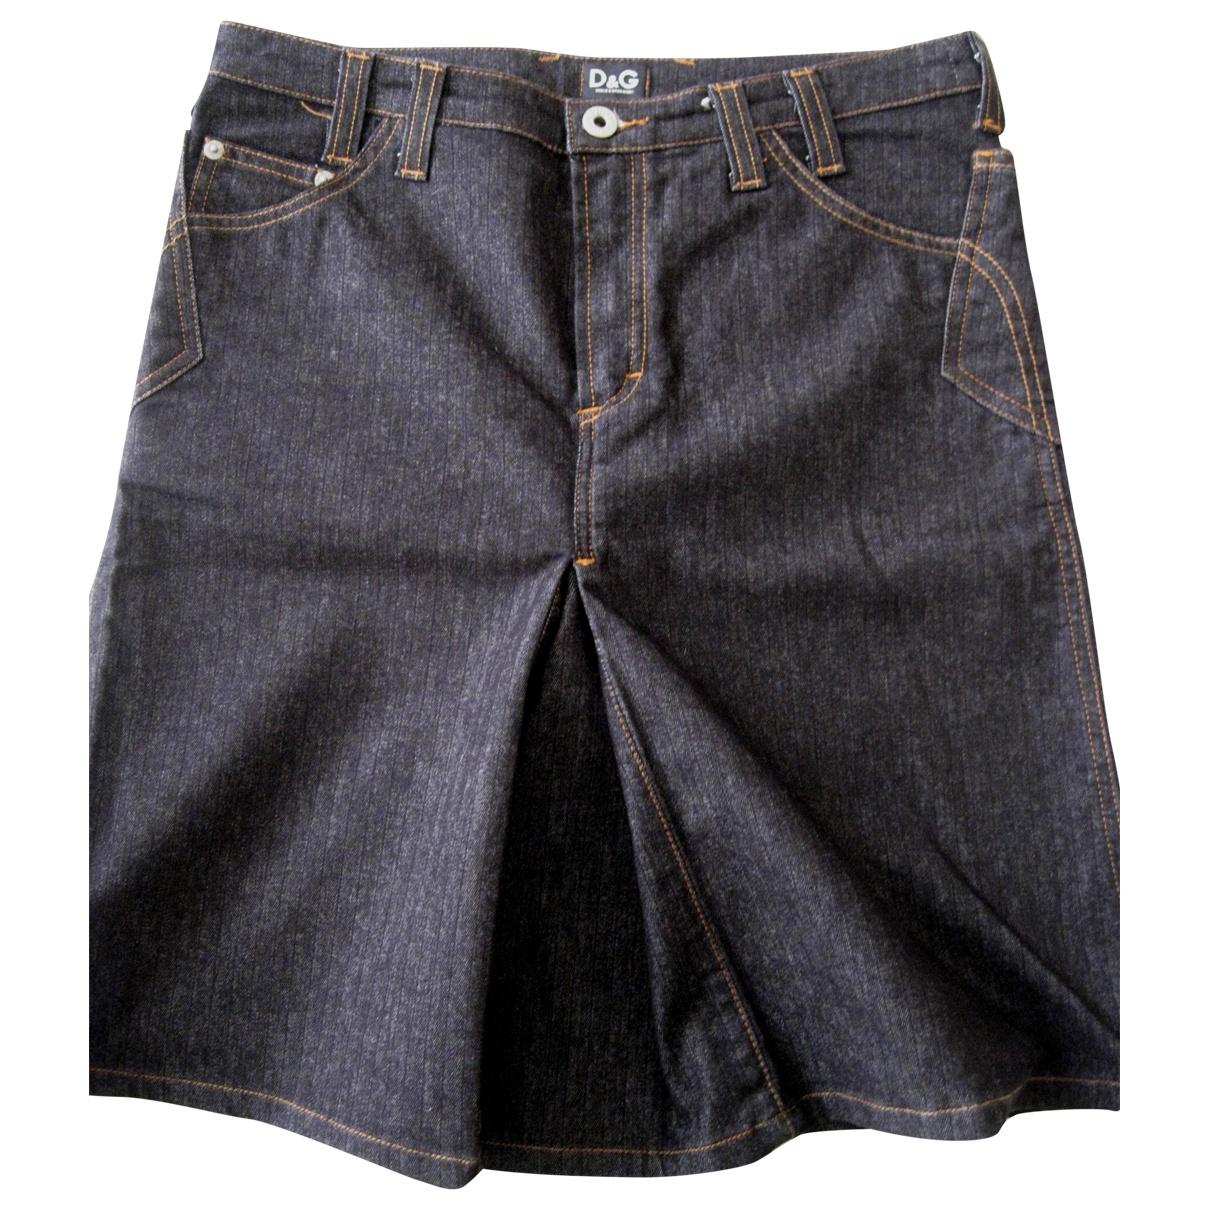 D&g \N Blue Cotton - elasthane skirt for Women 42 IT